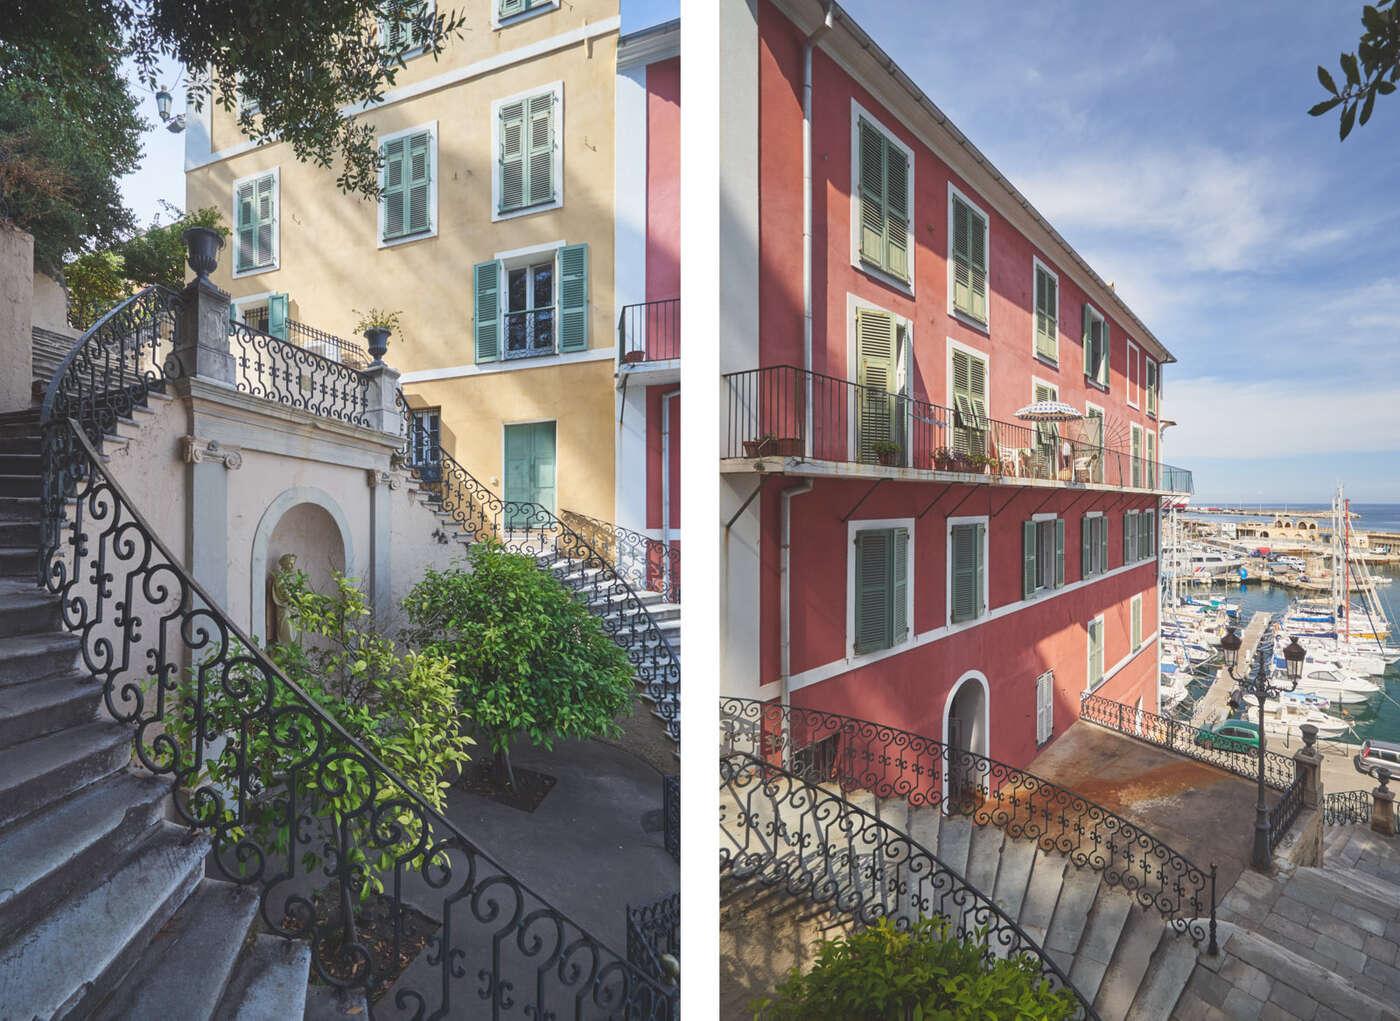 Escalier Romieu de Bastia